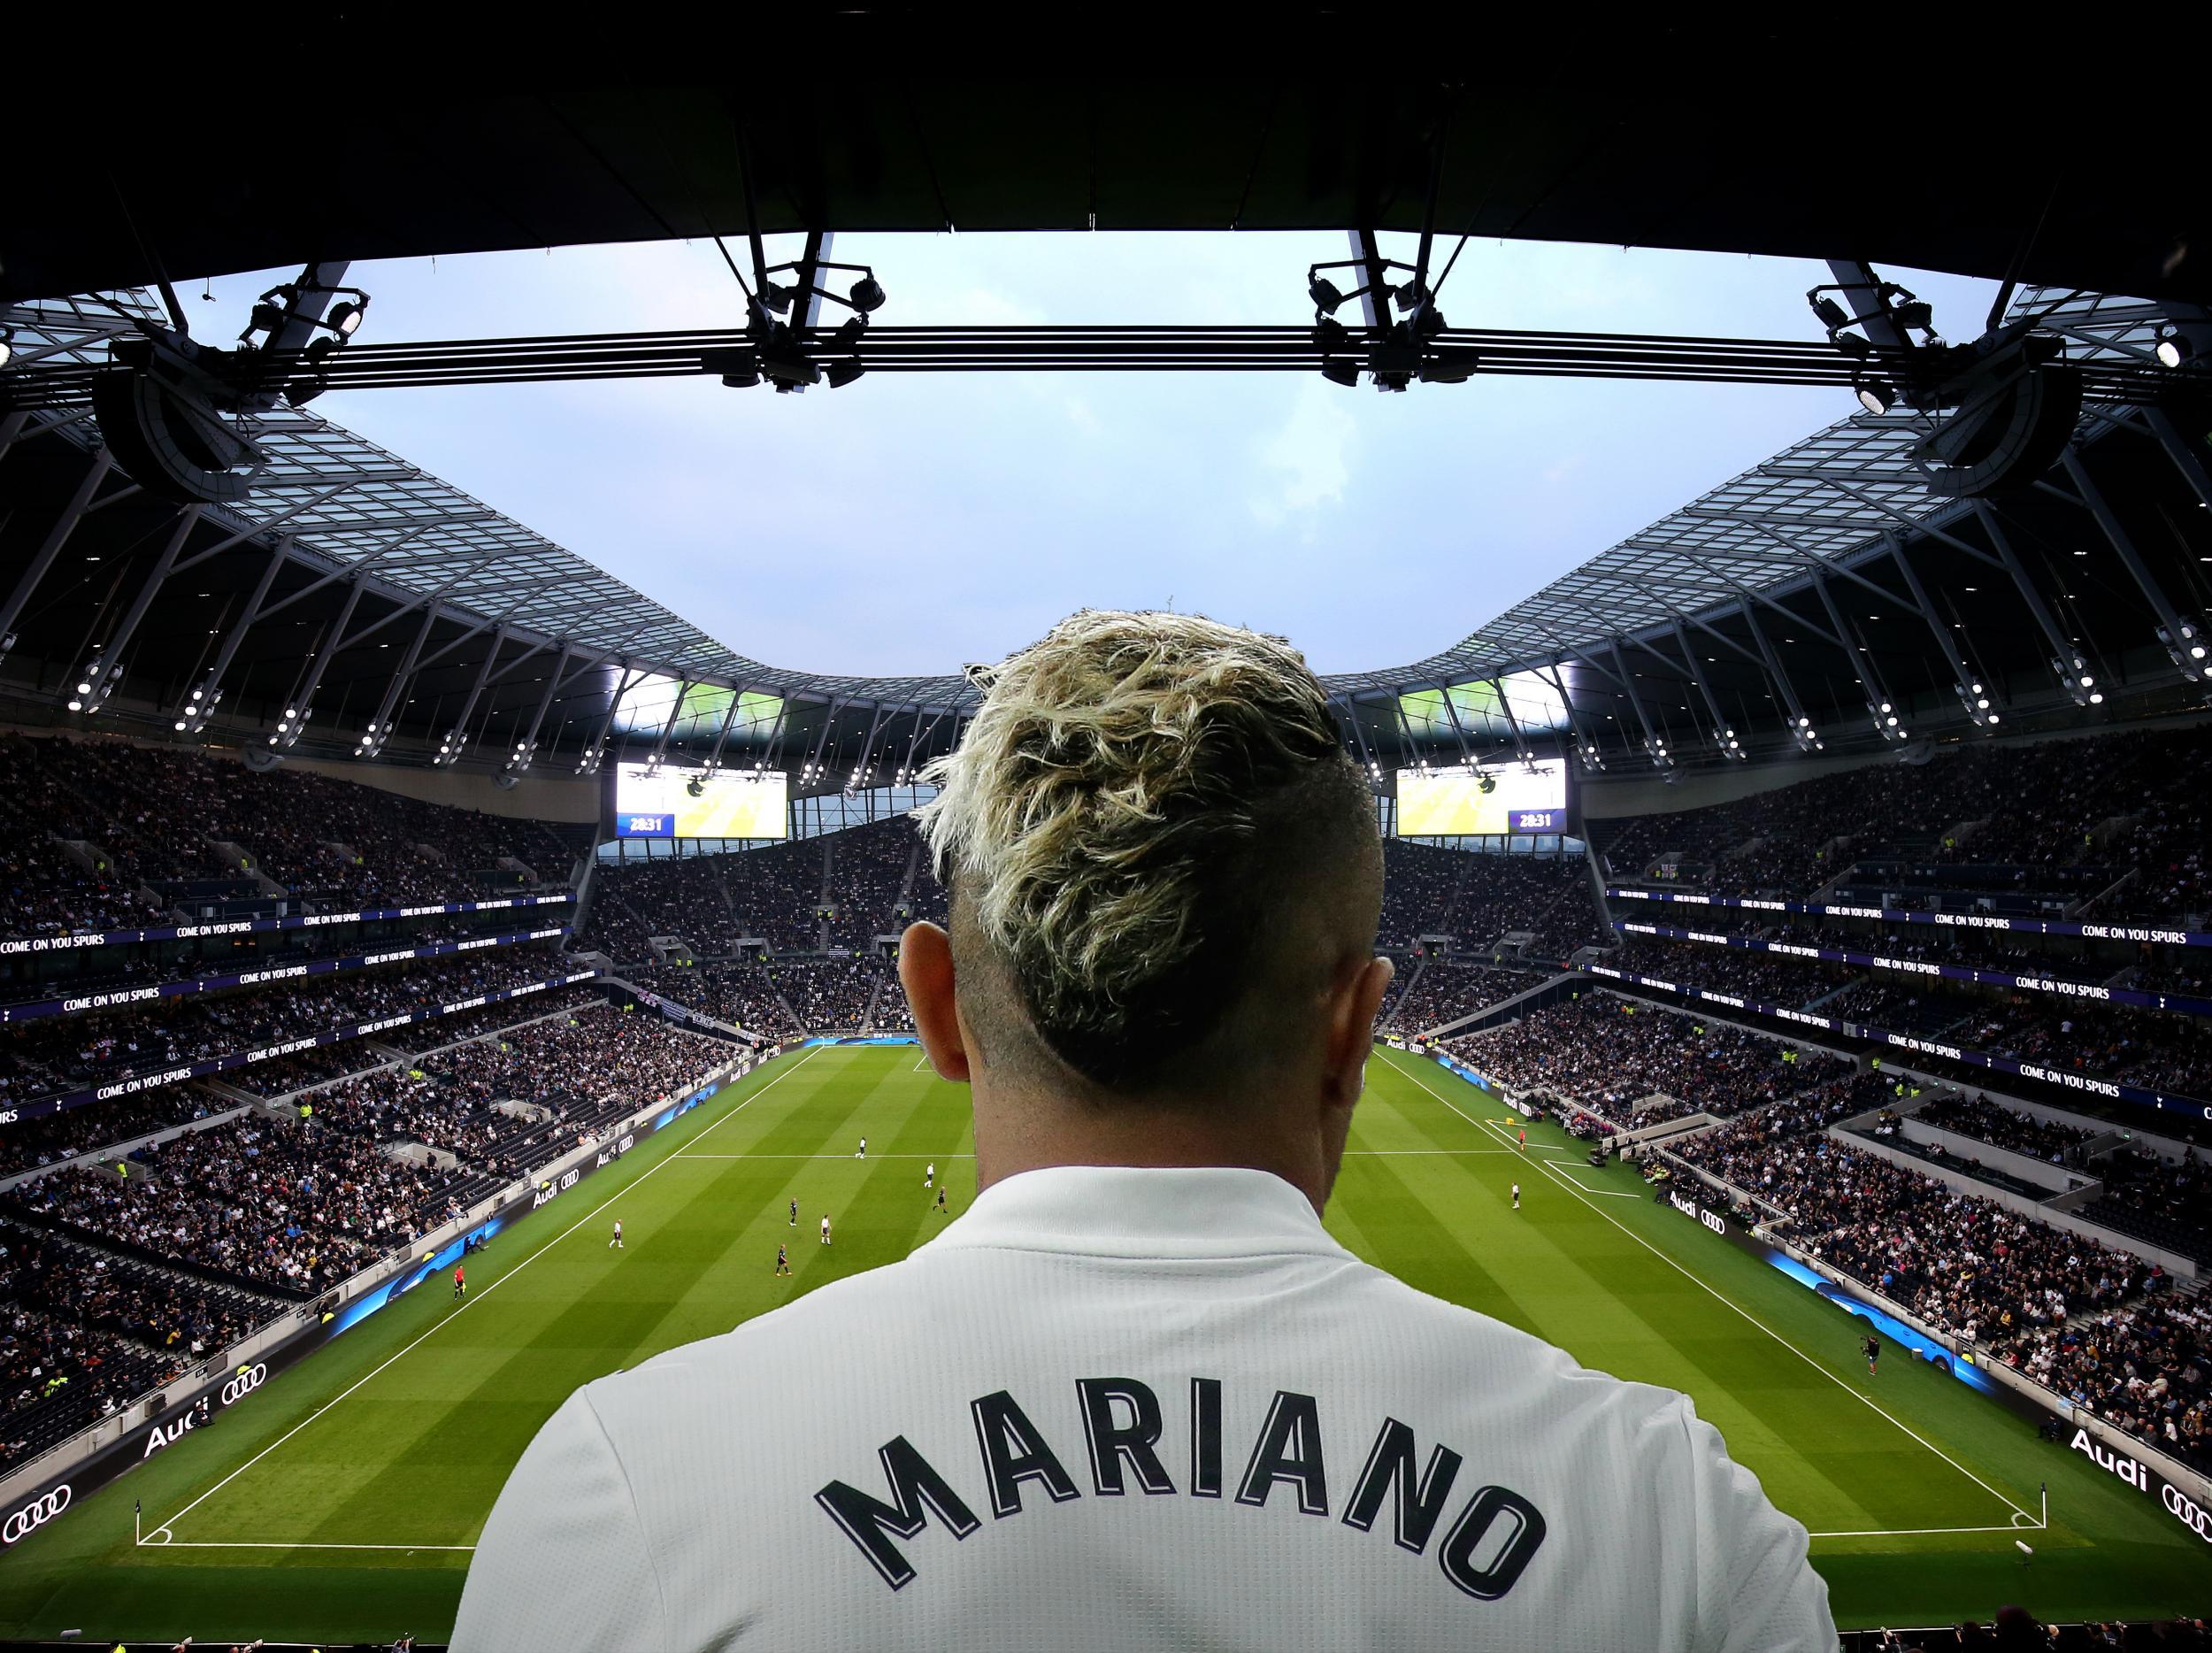 Tottenham transfer news latest: Mariano Diaz, Toby Alderweireld, Dani Ceballos, Giovani Lo Celso, more